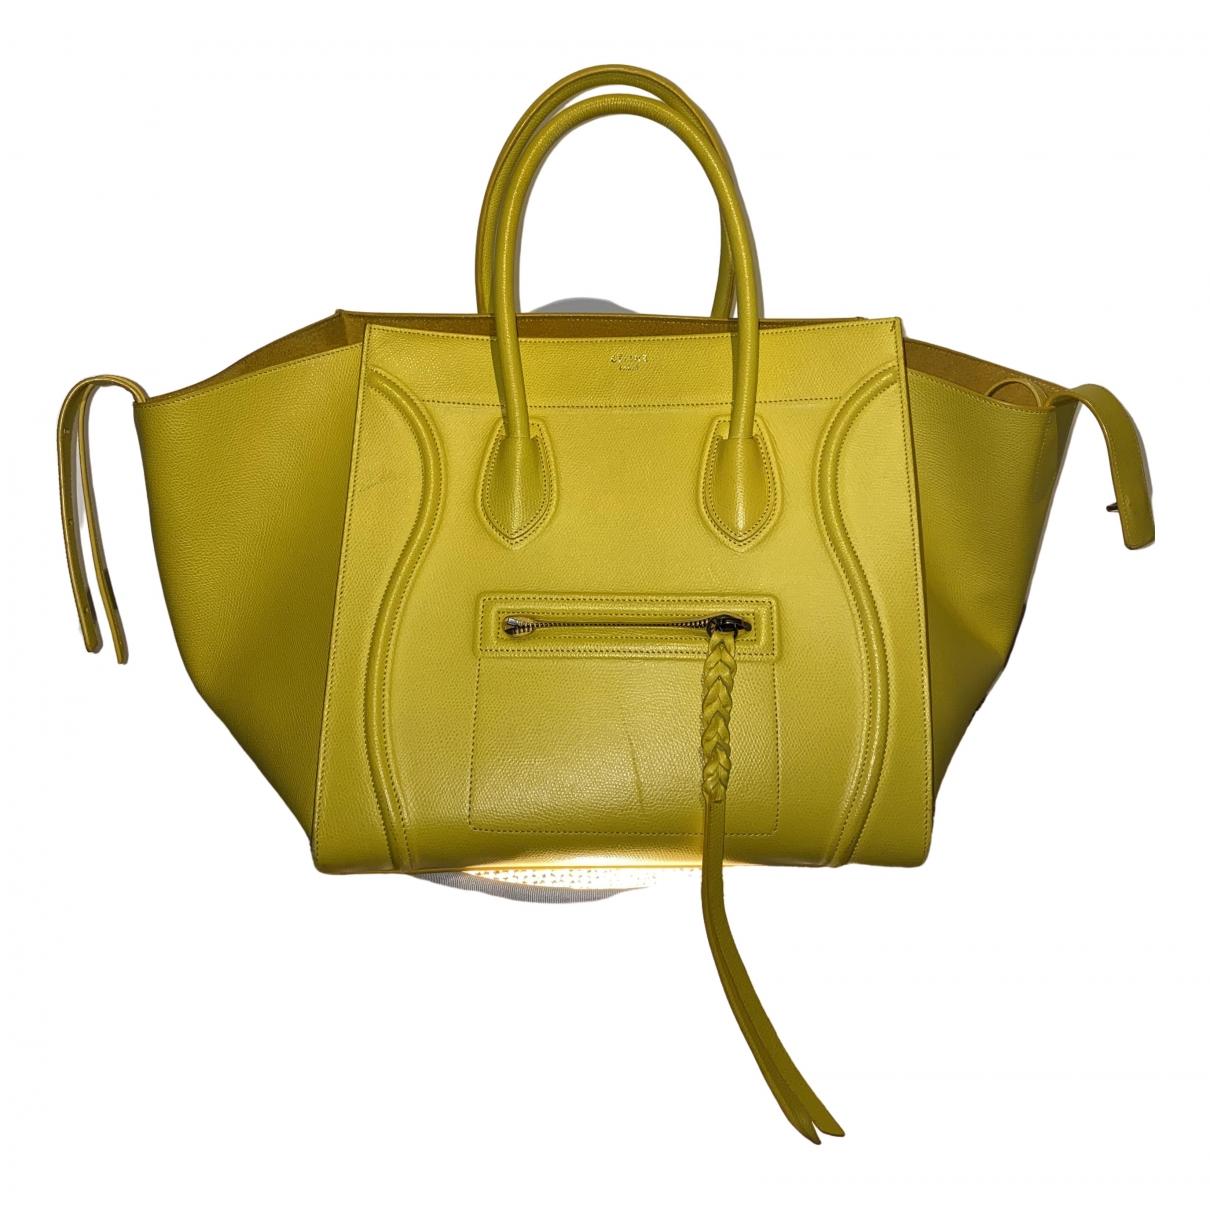 Celine Luggage Phantom Handtasche in  Gelb Leder